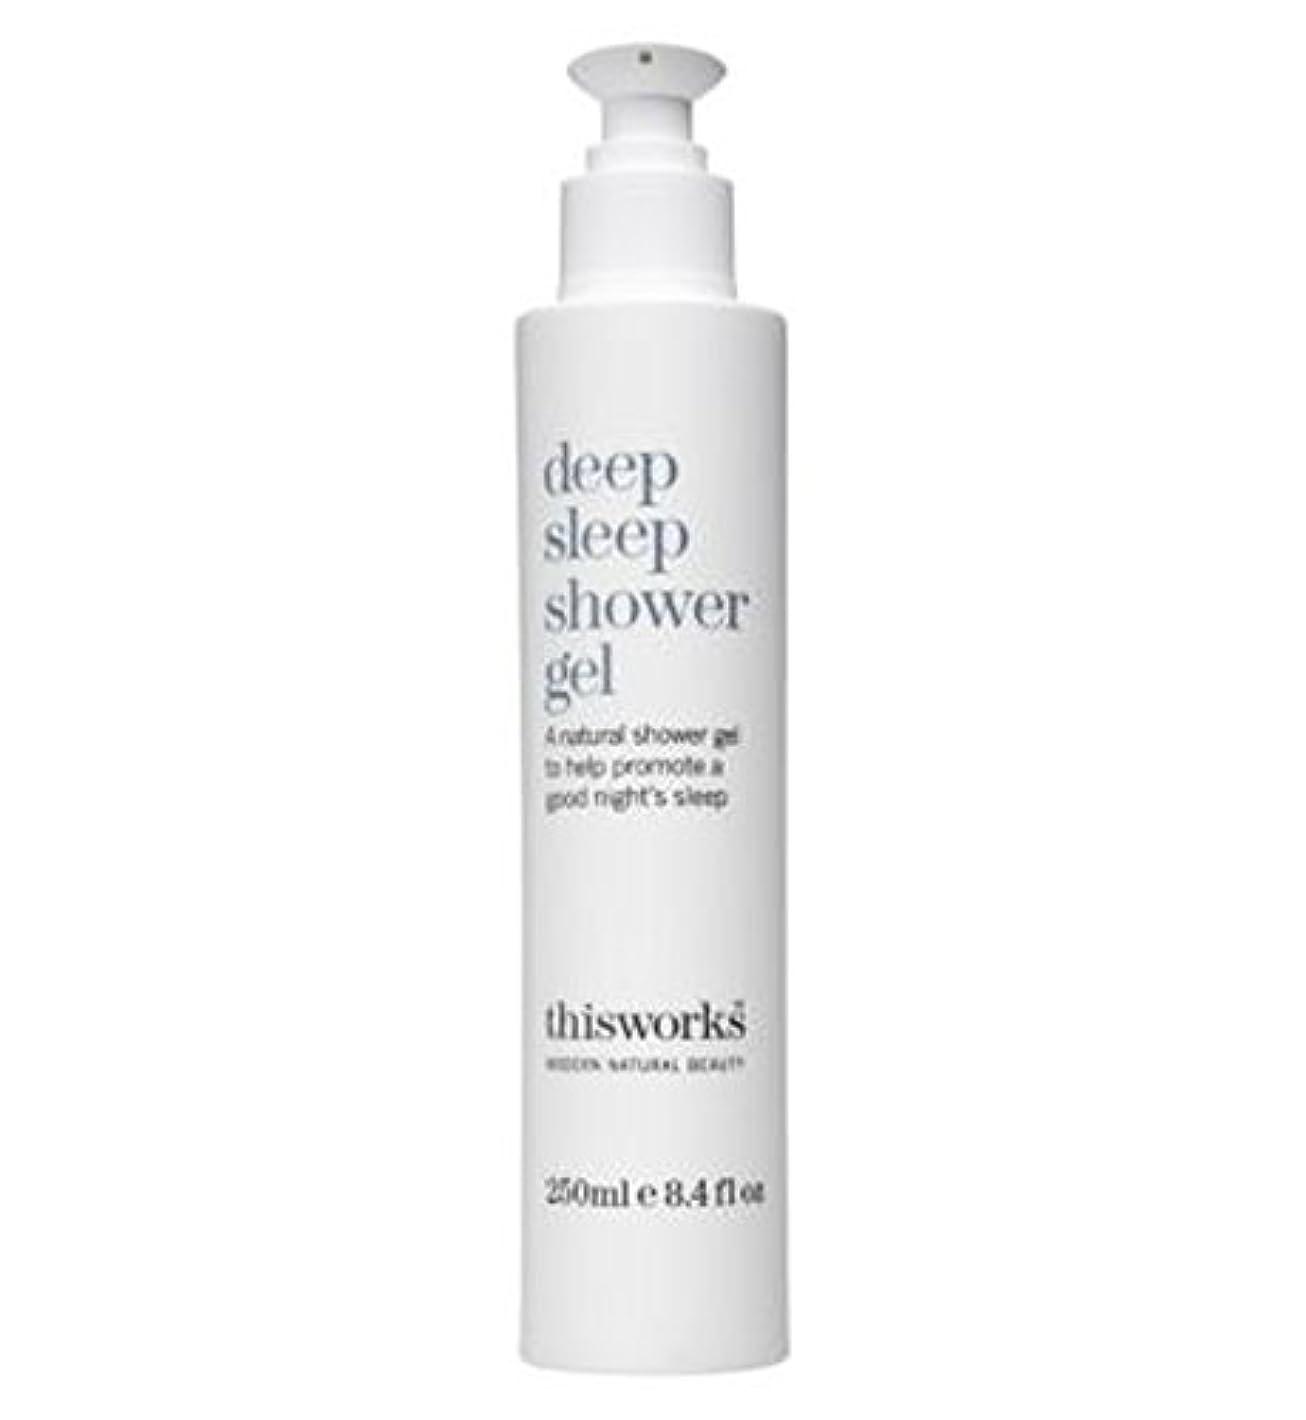 ストロークあまりにもきしむこれは、深い眠りシャワージェル250ミリリットルの作品 (This Works) (x2) - this works deep sleep shower gel 250ml (Pack of 2) [並行輸入品]